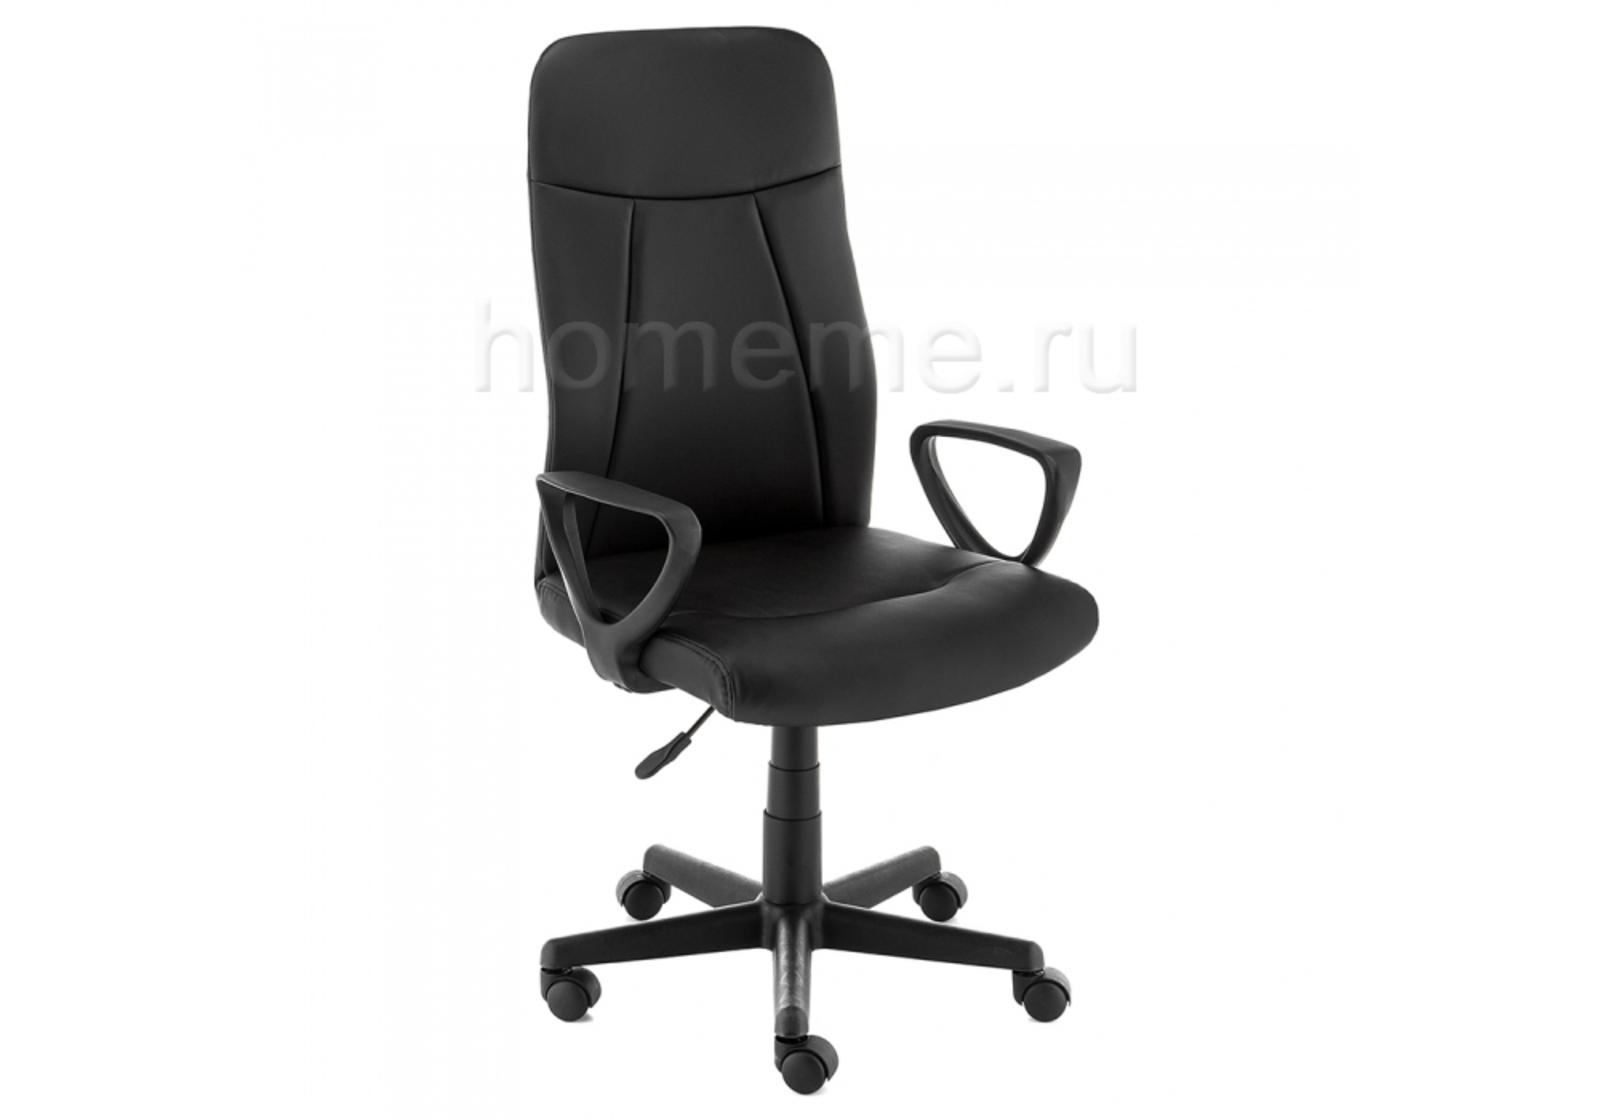 Кресло для офиса HomeMe Favor черное 11274 от Homeme.ru